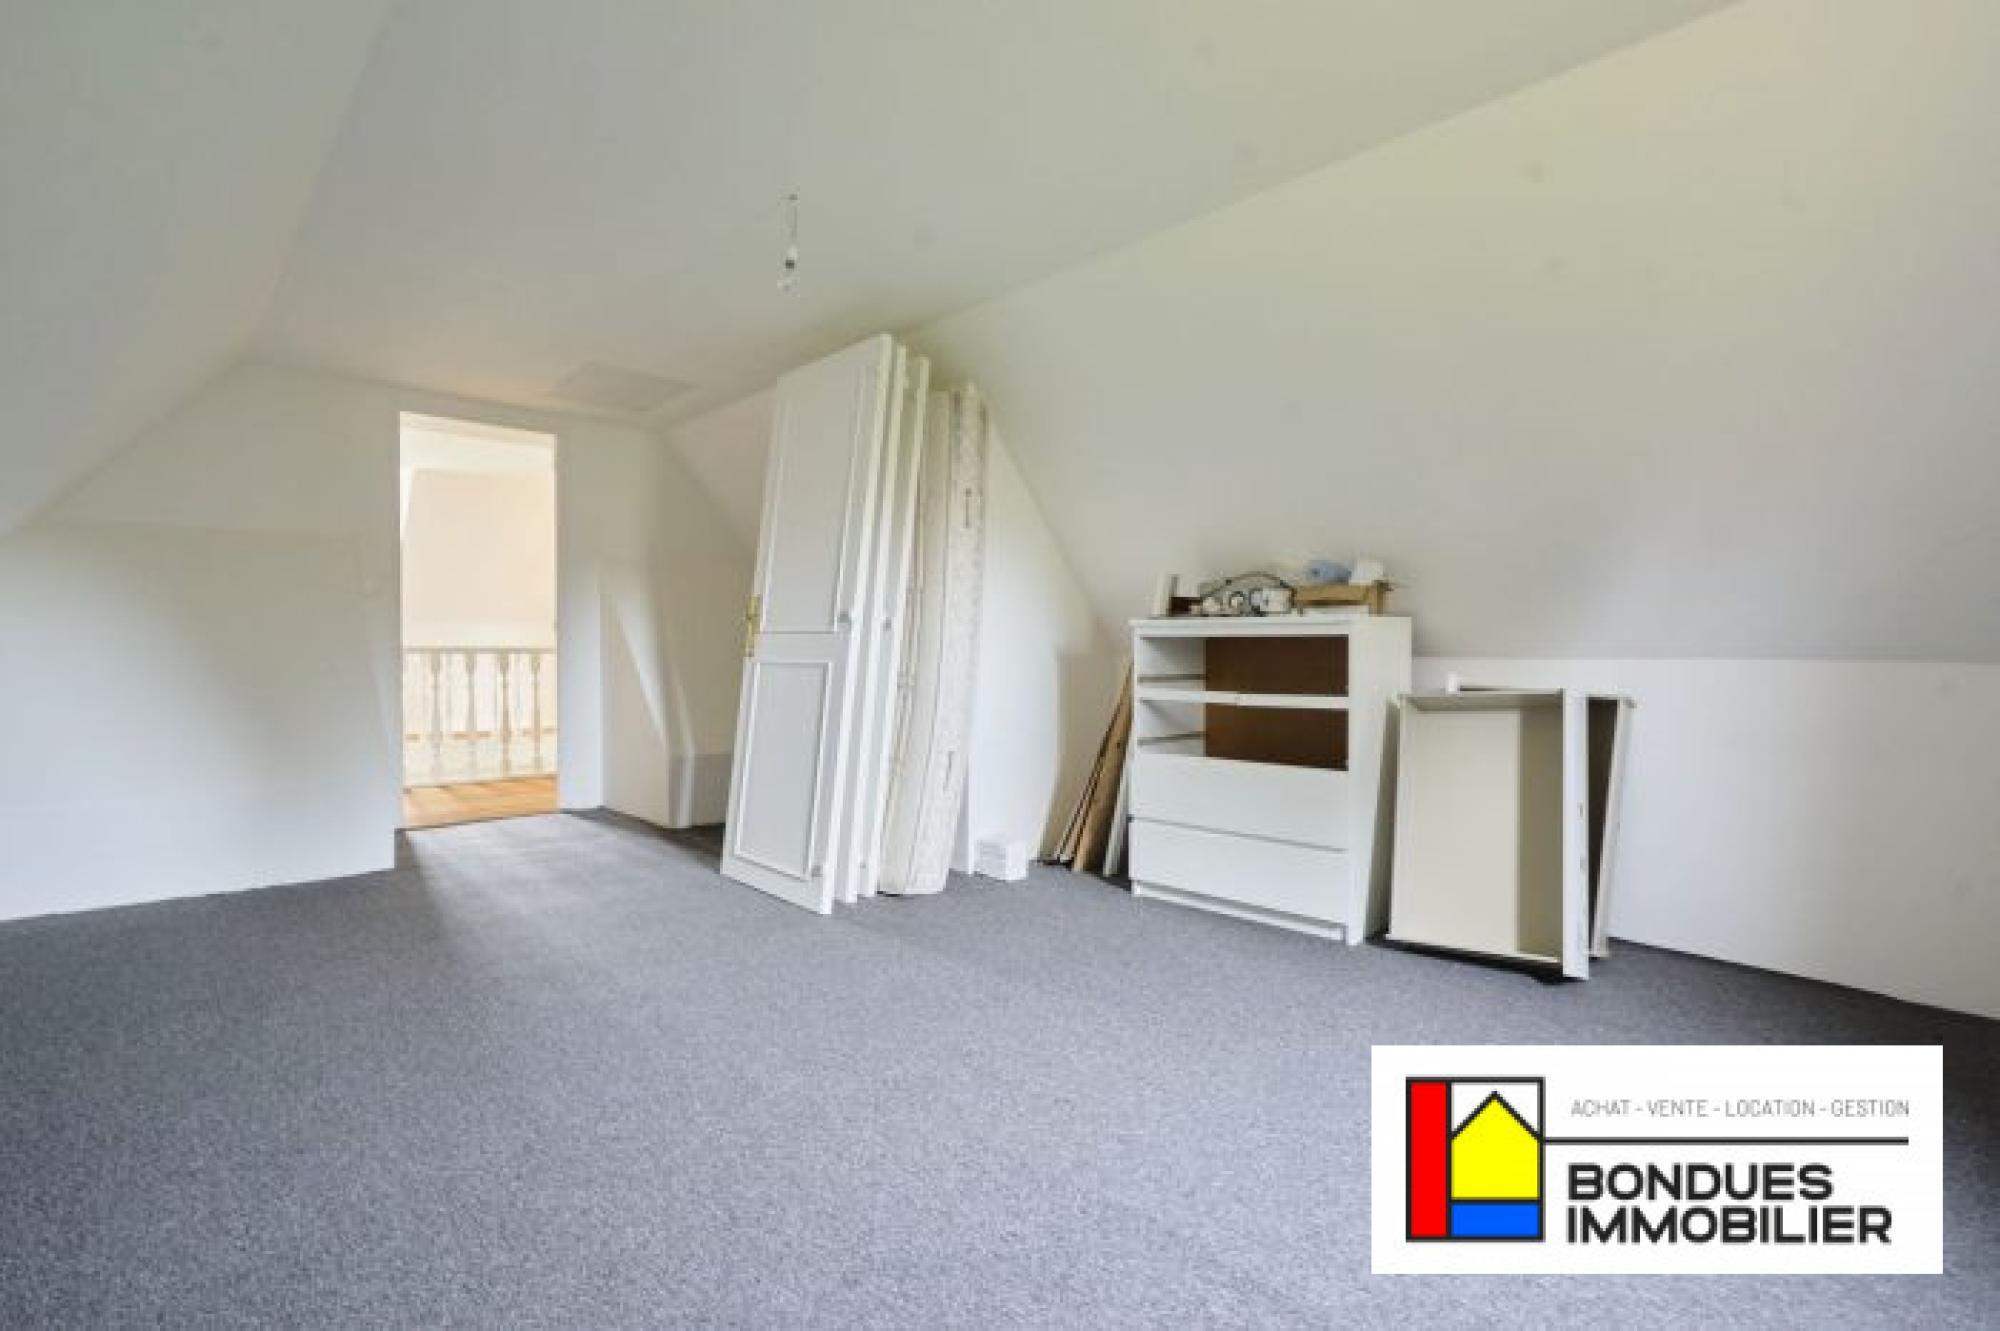 vente maison bondues refVM420 (13)